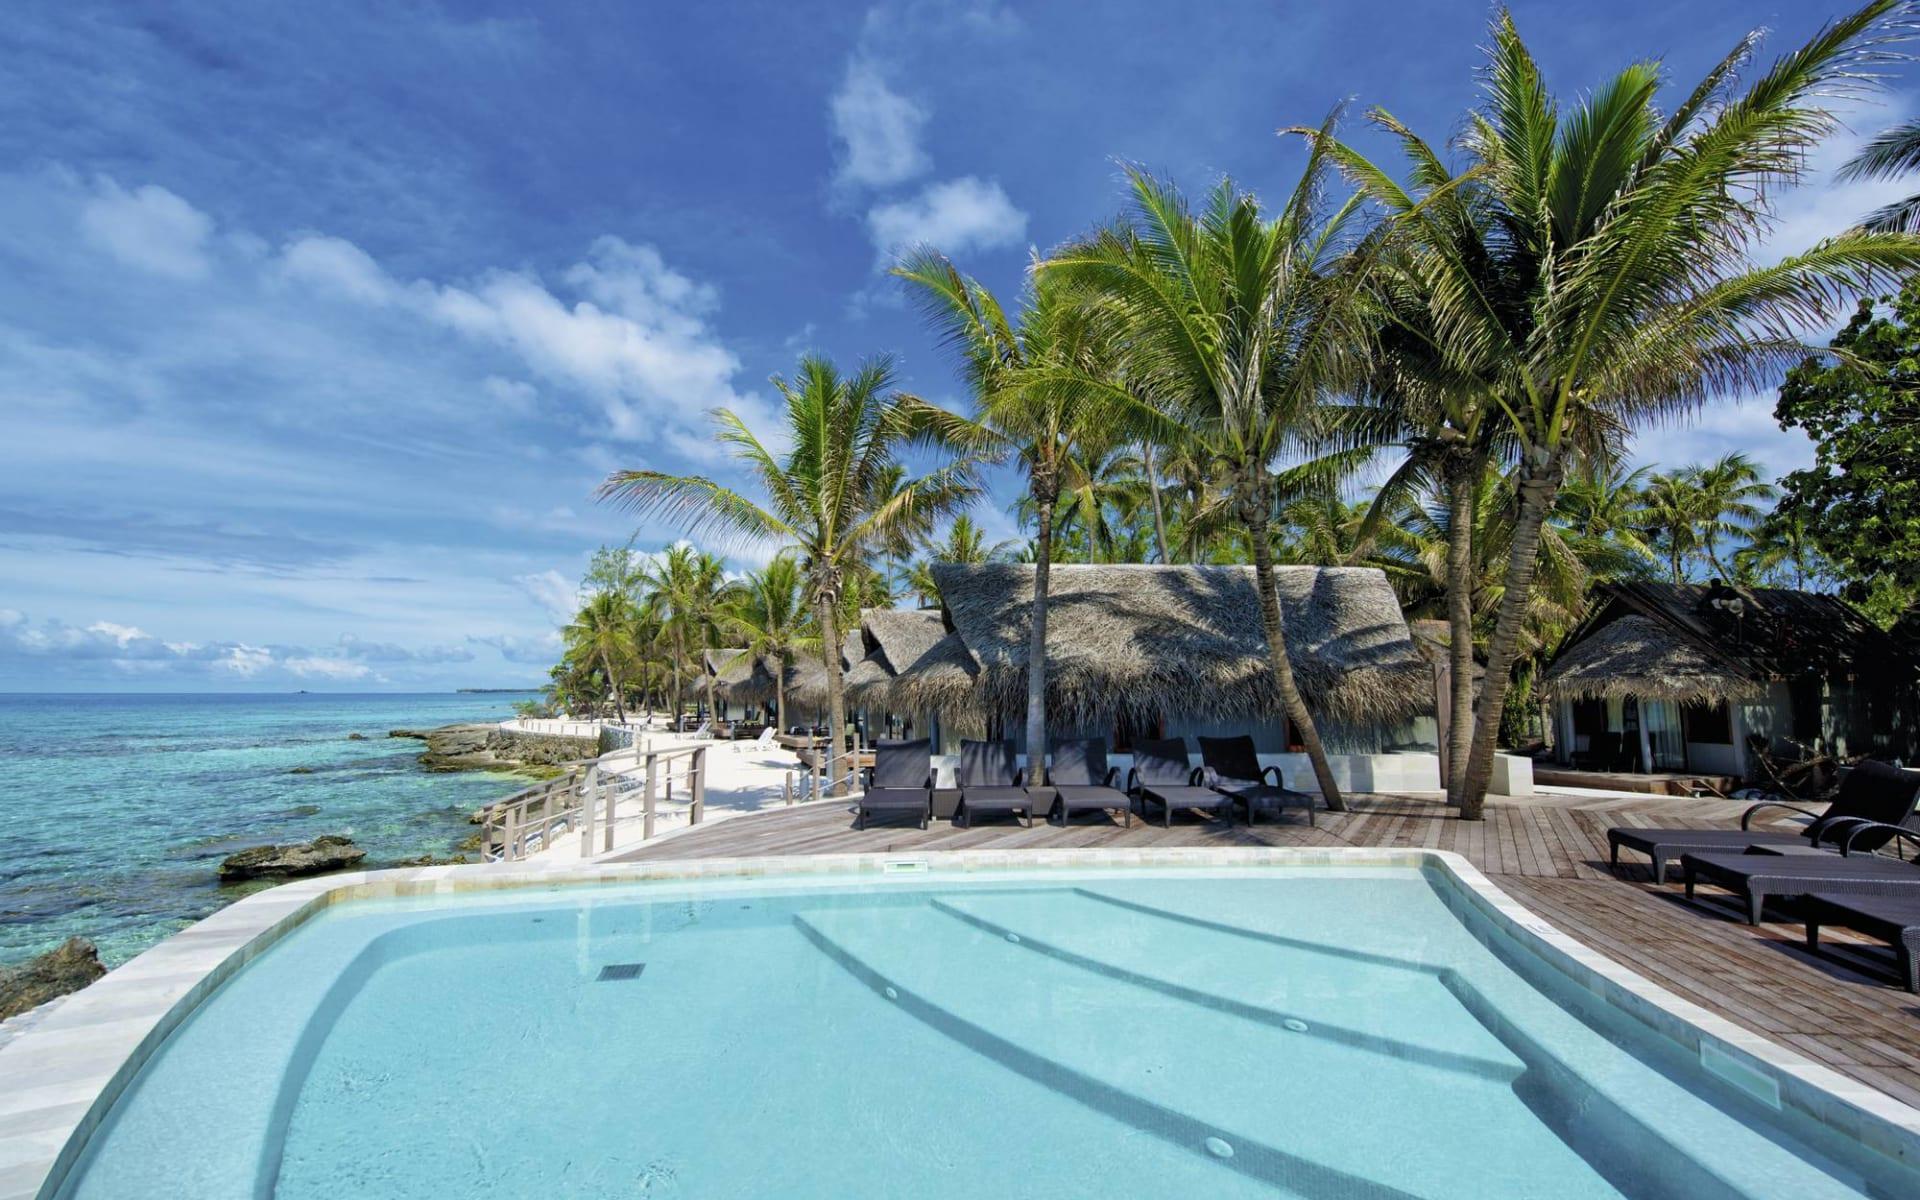 Maitai Rangiroa:  Maitai Rongiroa - Sicht auf Pool und ein Teil der Anlage